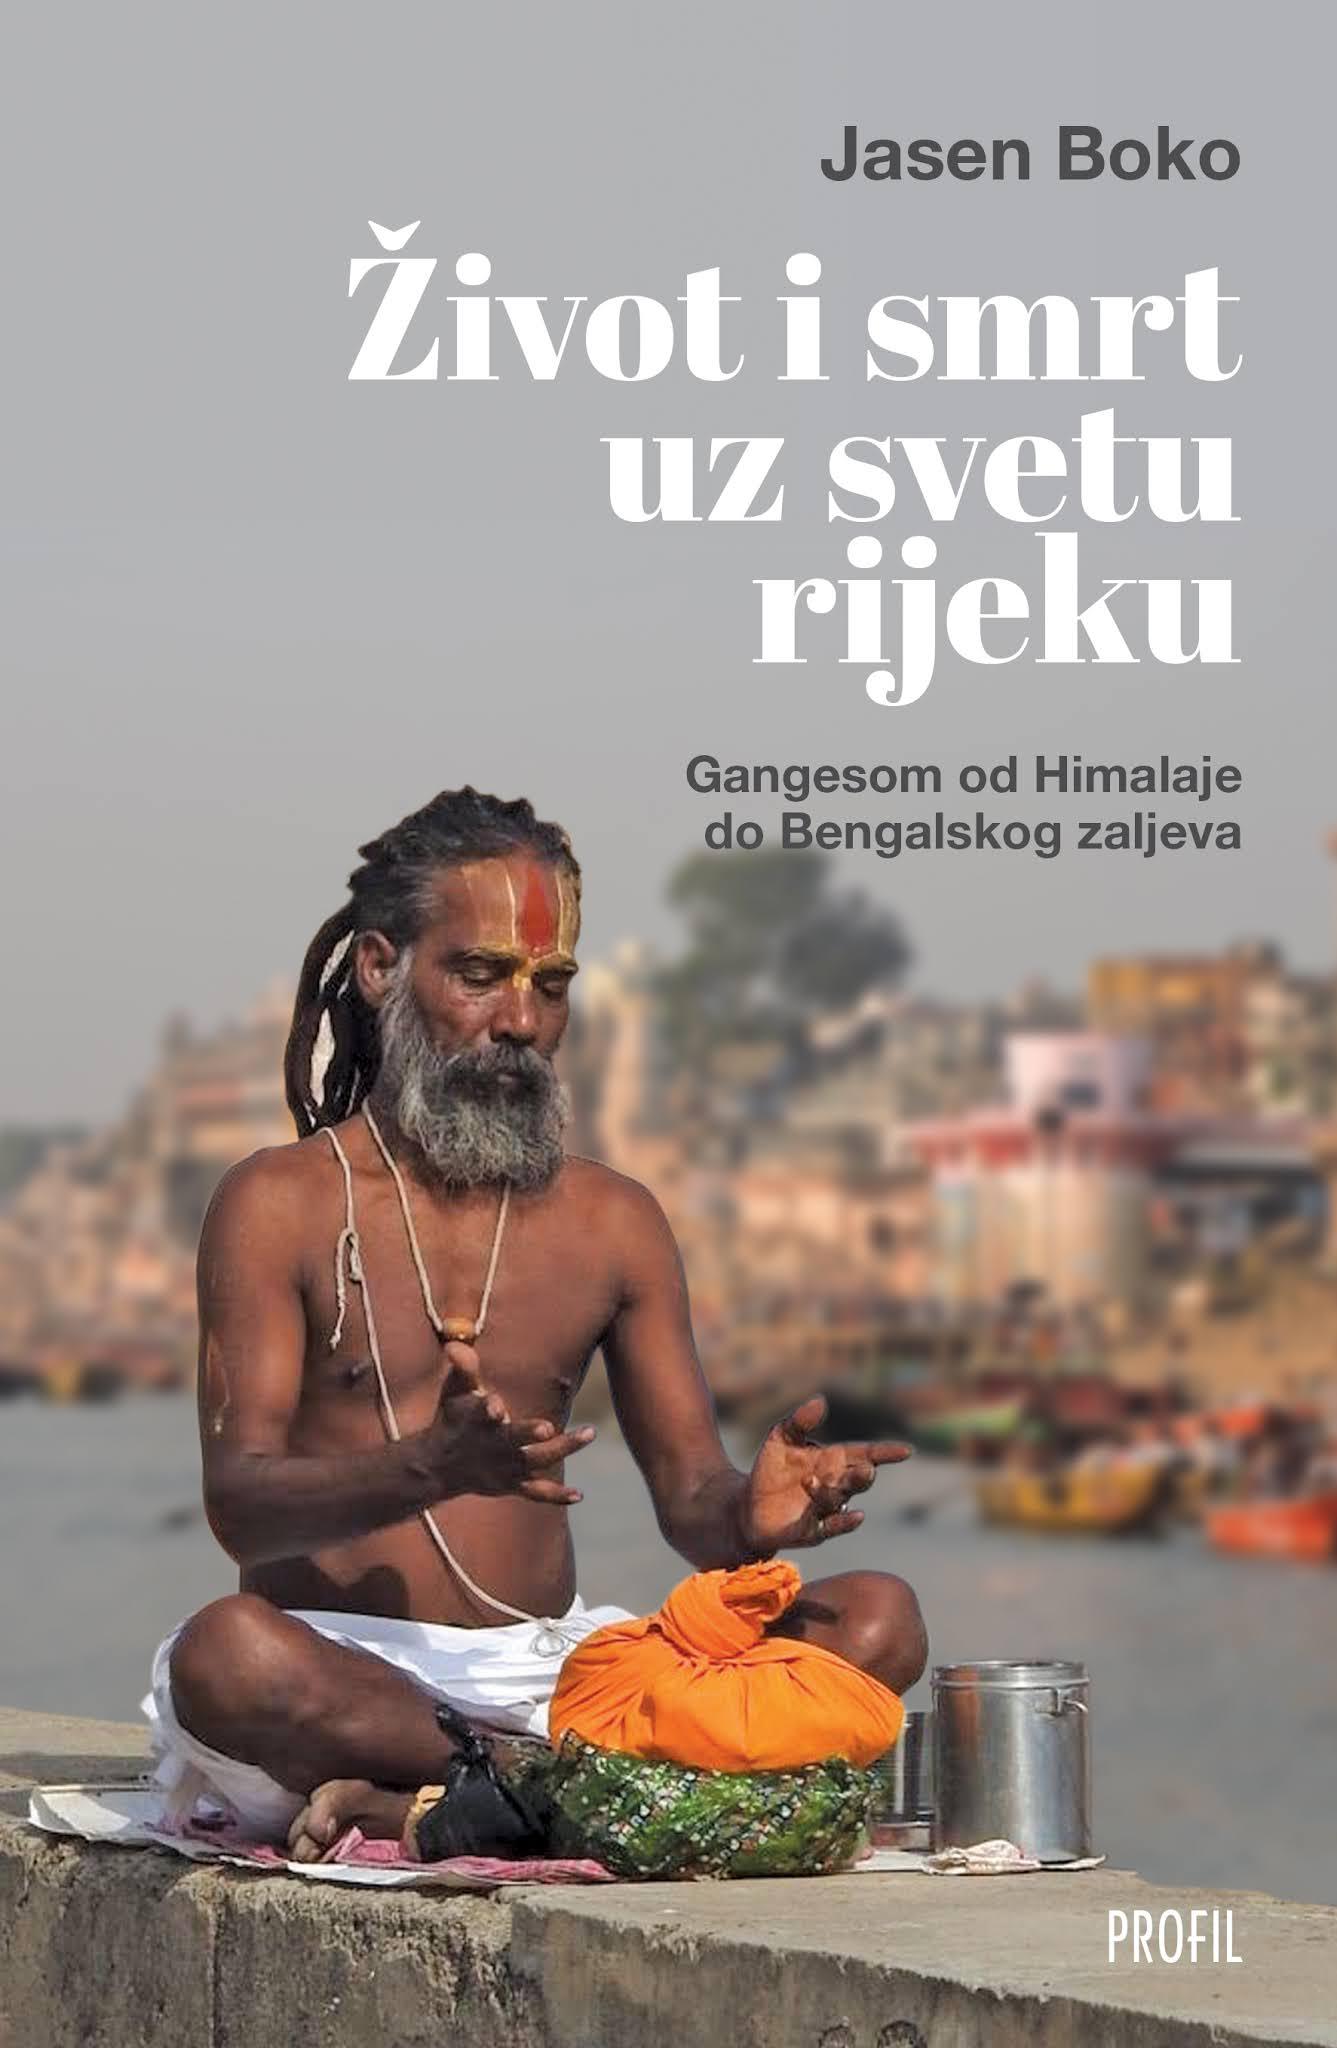 Predstavljanje knjige 'Život i smrt uz svetu rijeku' u Atriju Arheološkog muzeja